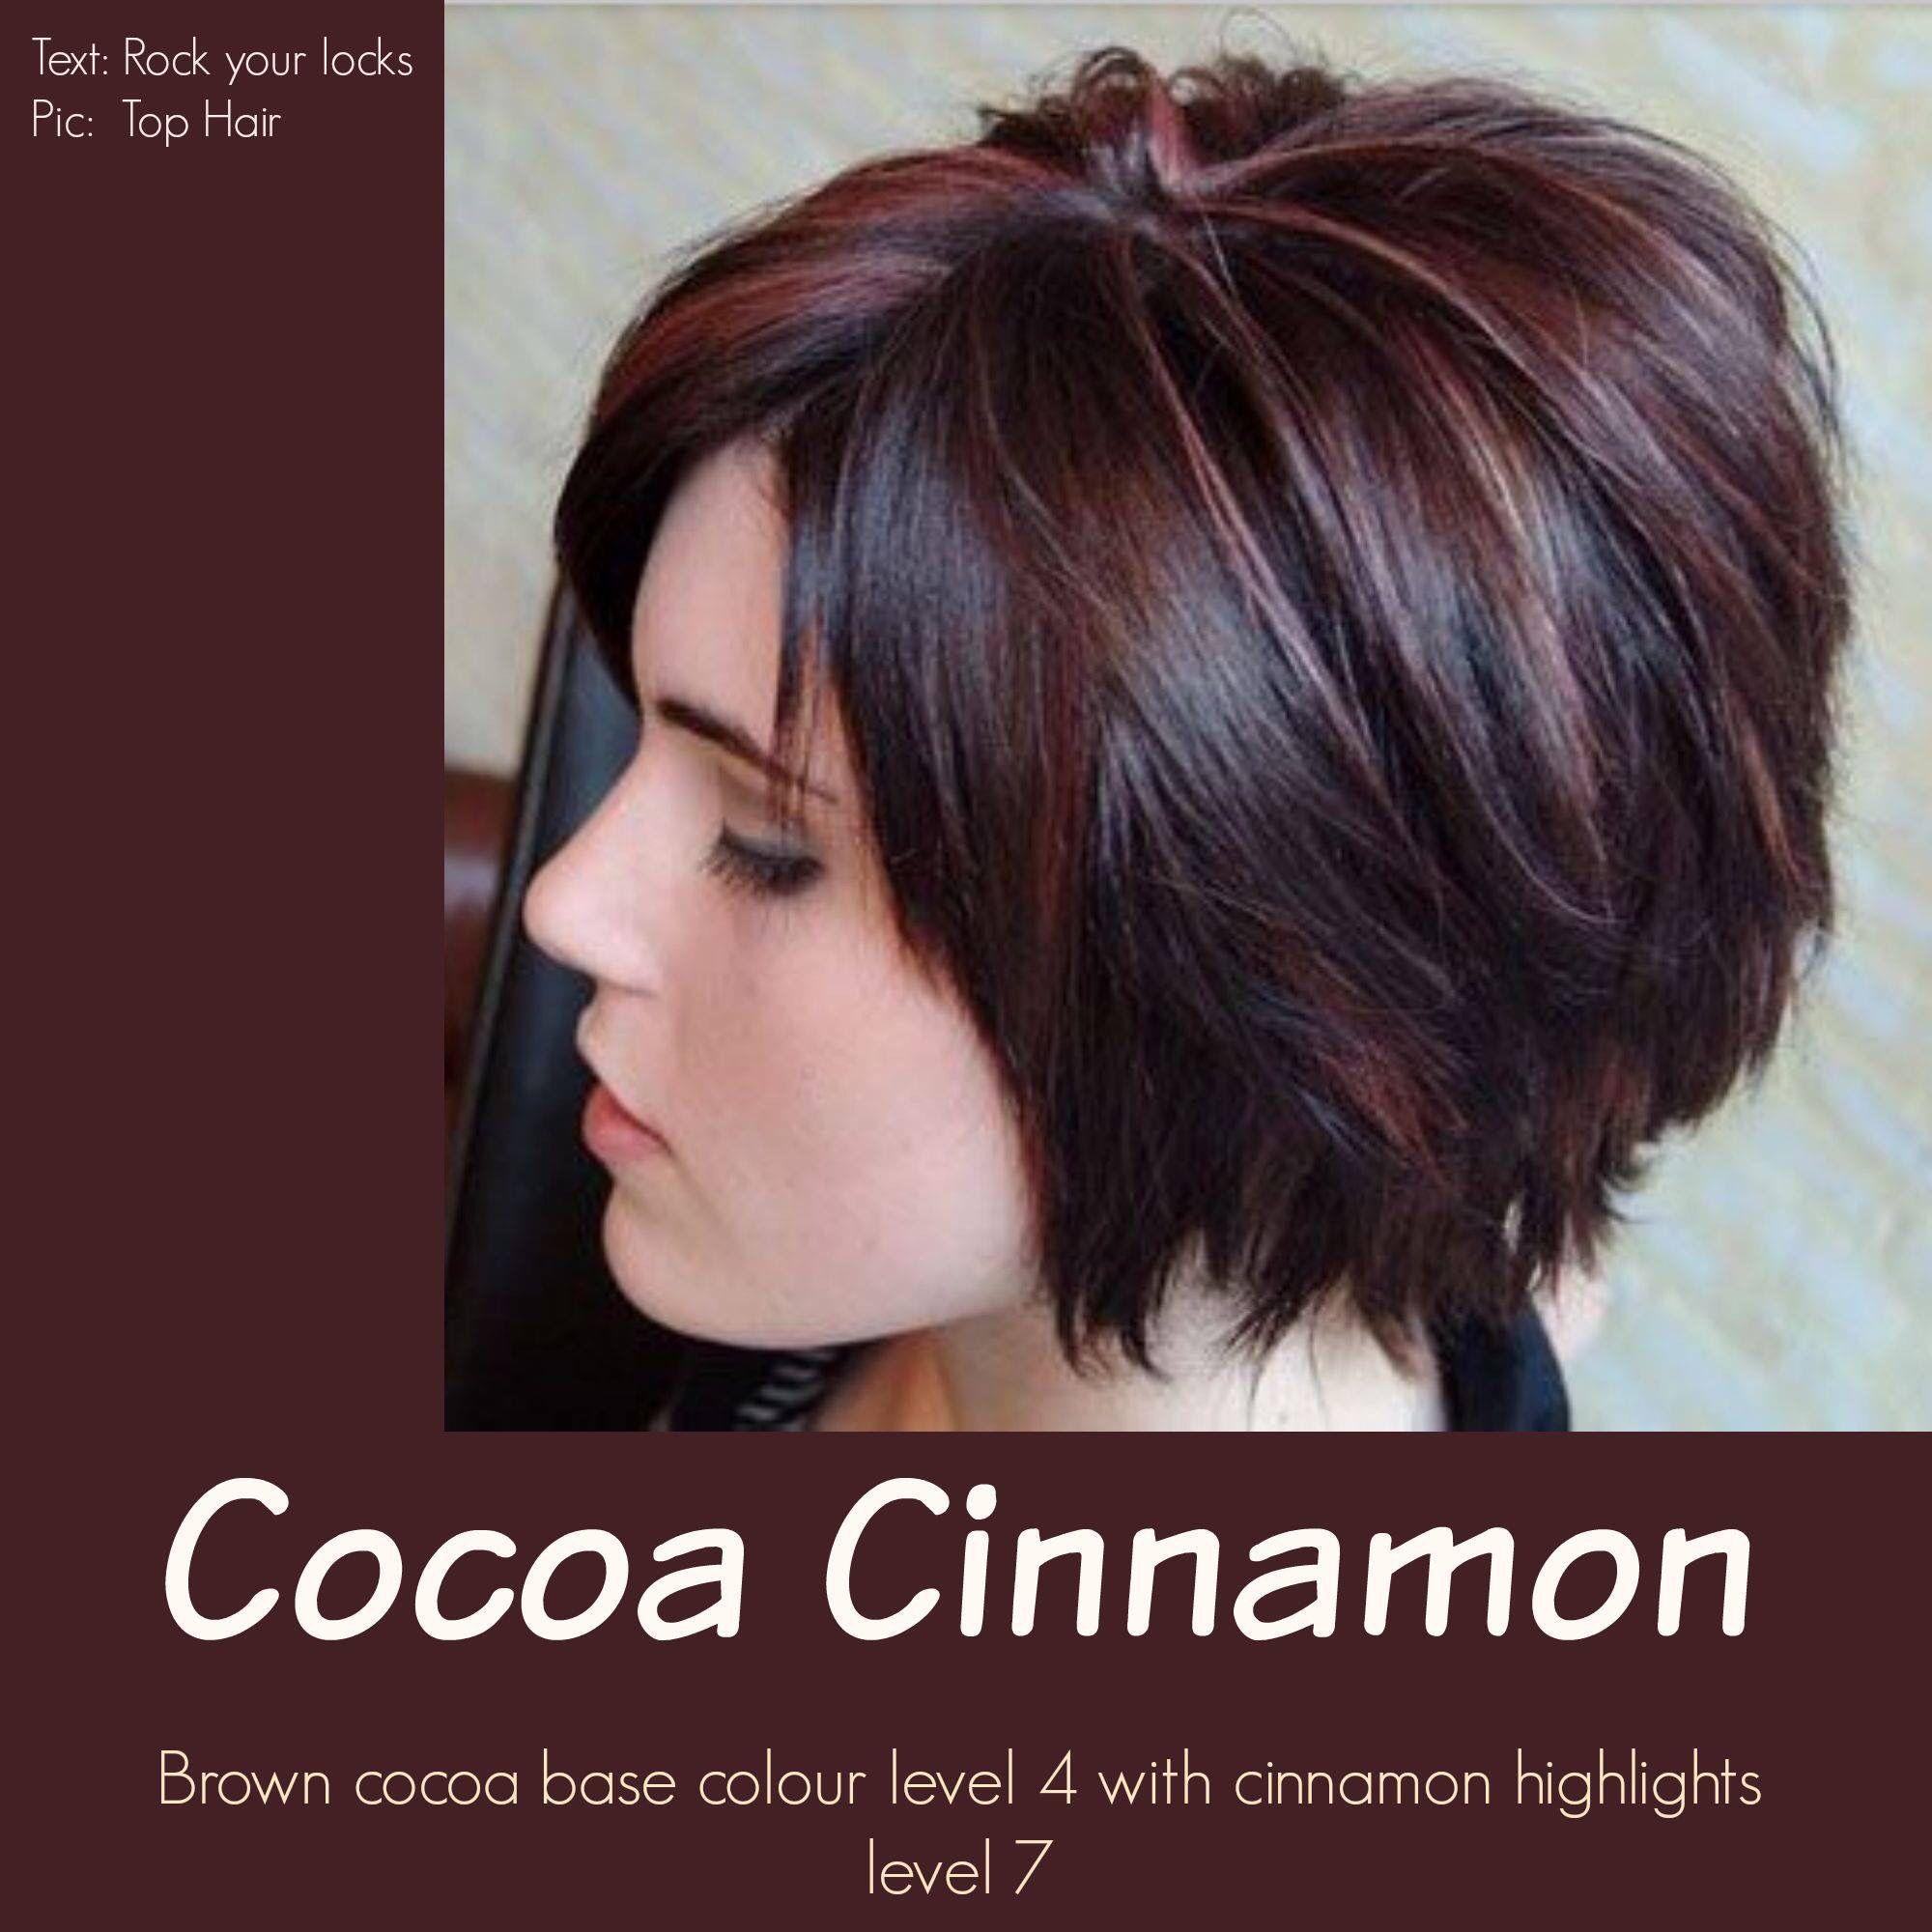 John Frieda Hair Color Light Copper Brown